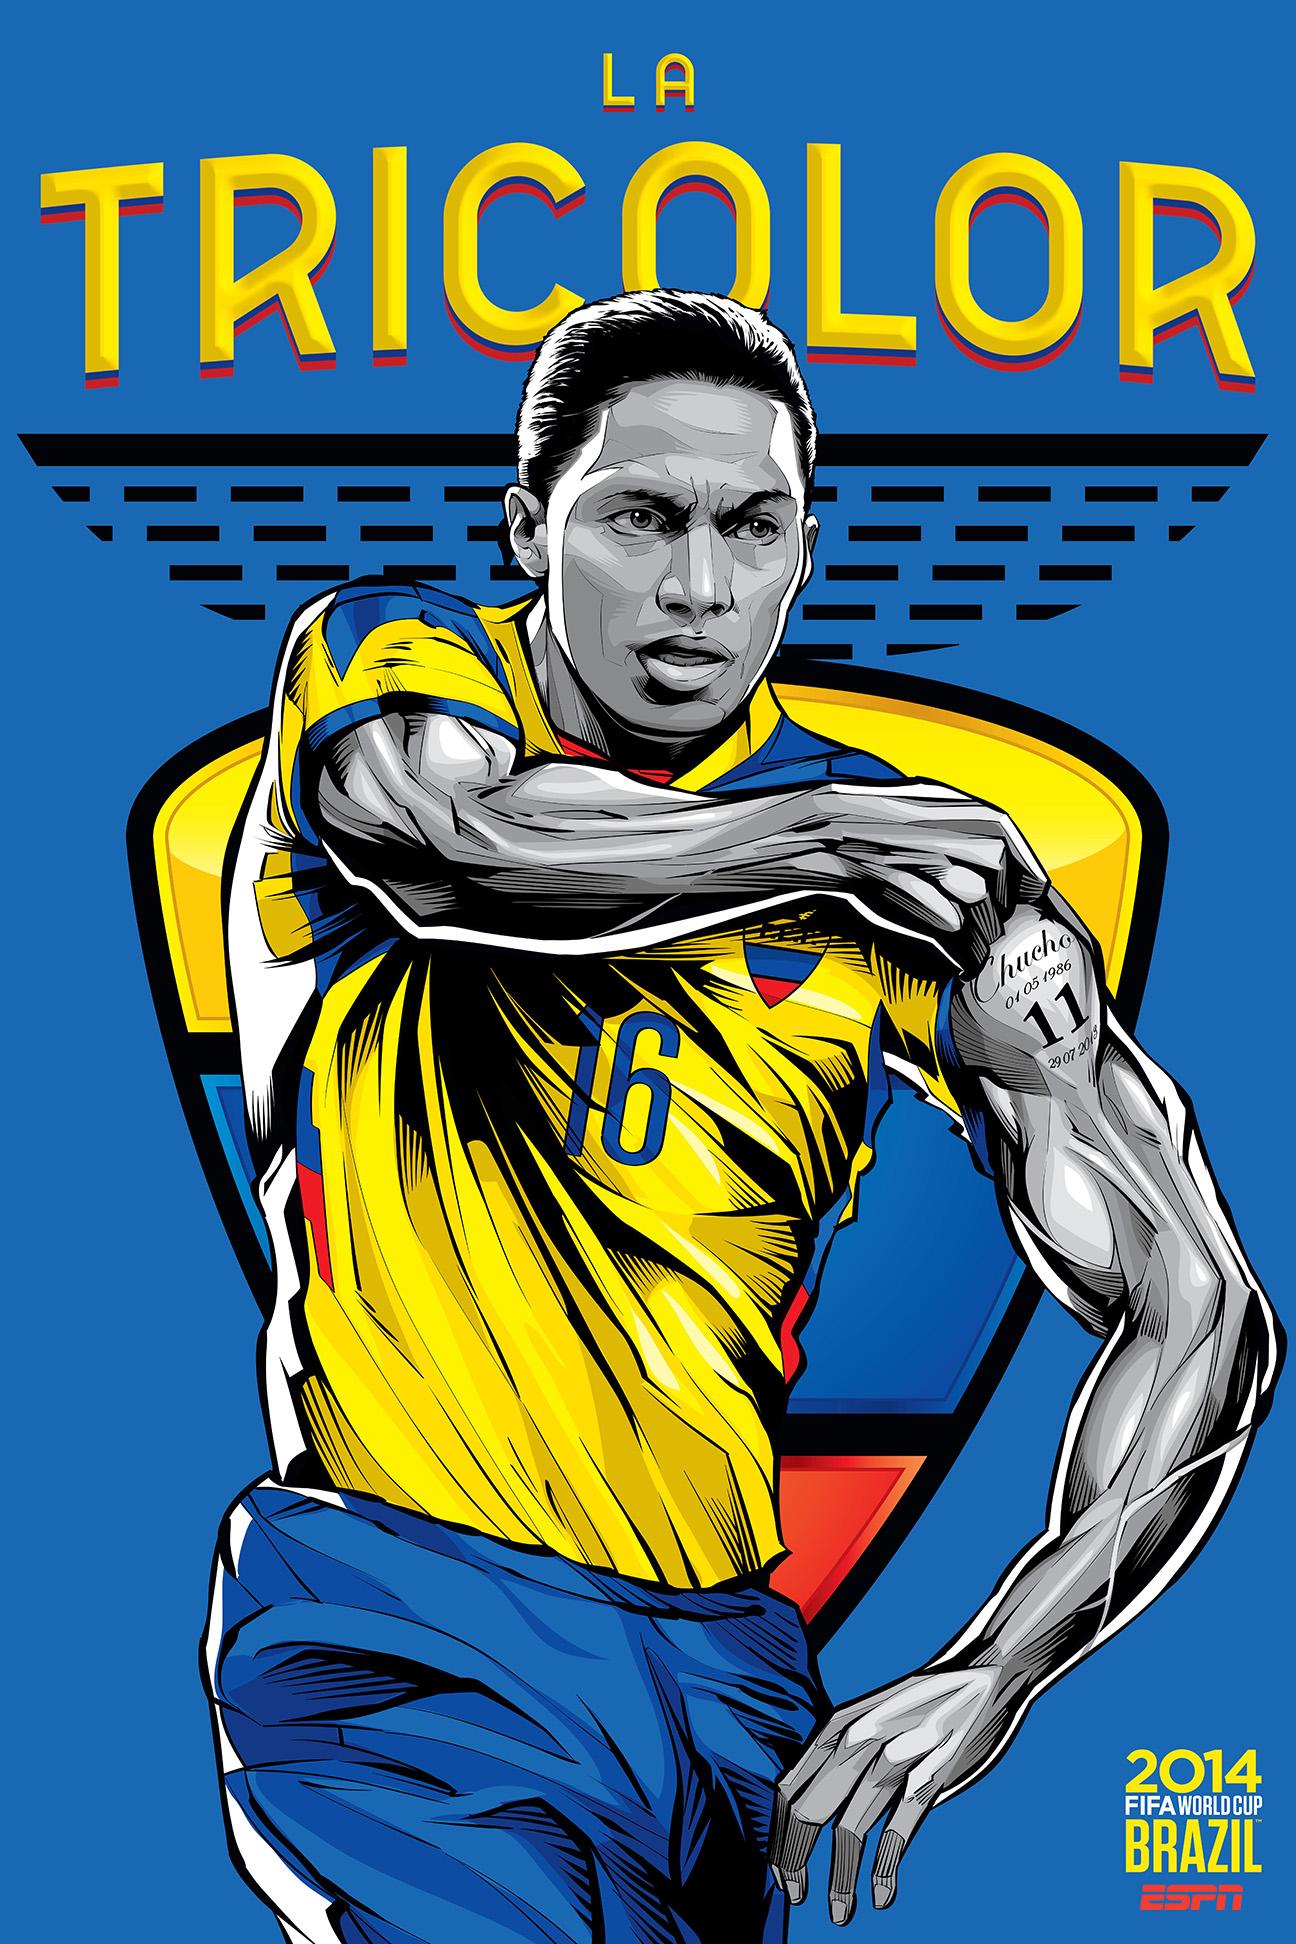 ESPNCOM14591_WorldCupPosters_Ecuador